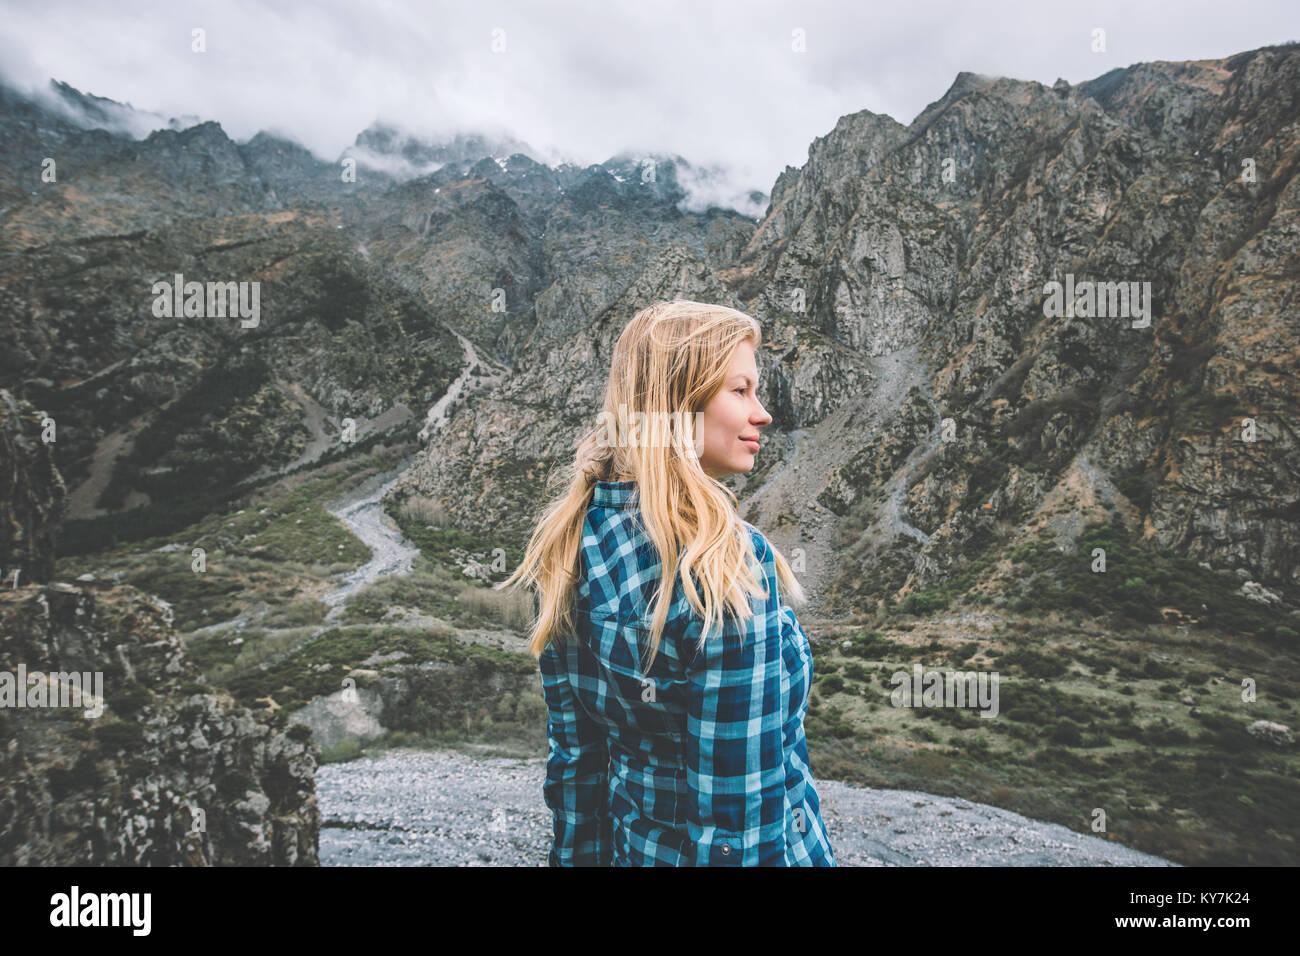 Donna in viaggio turistico in montagne di nebbia Lifestyle concetto Vacanze avventura all'aperto Immagini Stock